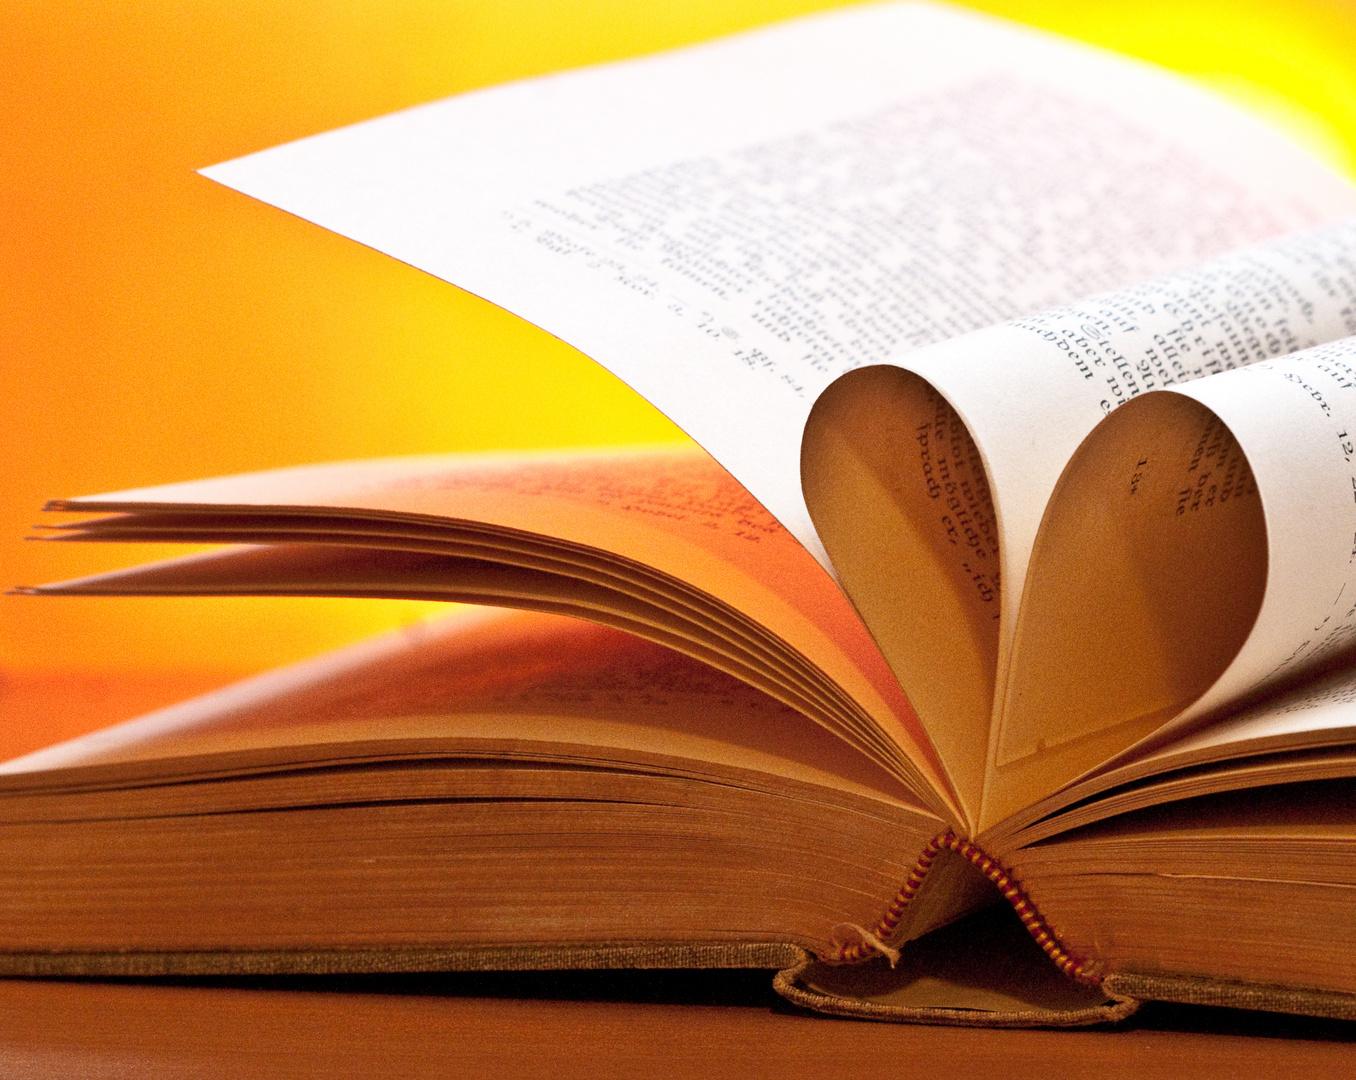 Die Schätze eines Buches entdecken!